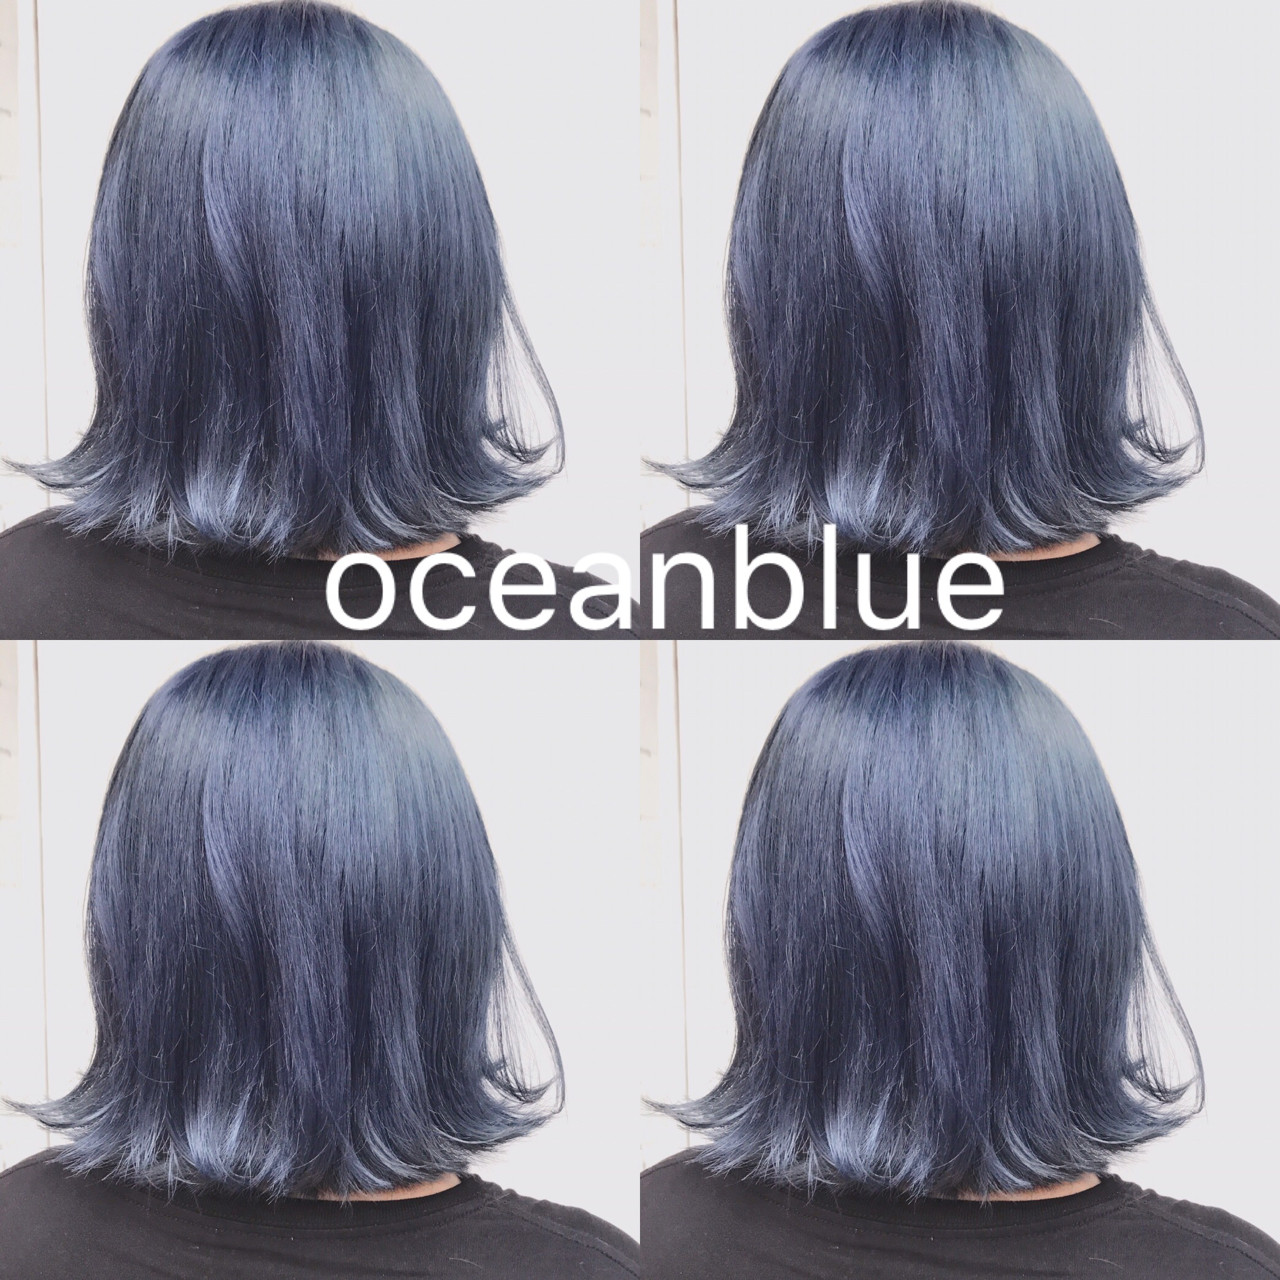 個性的 モード ボブ ブルー ヘアスタイルや髪型の写真・画像